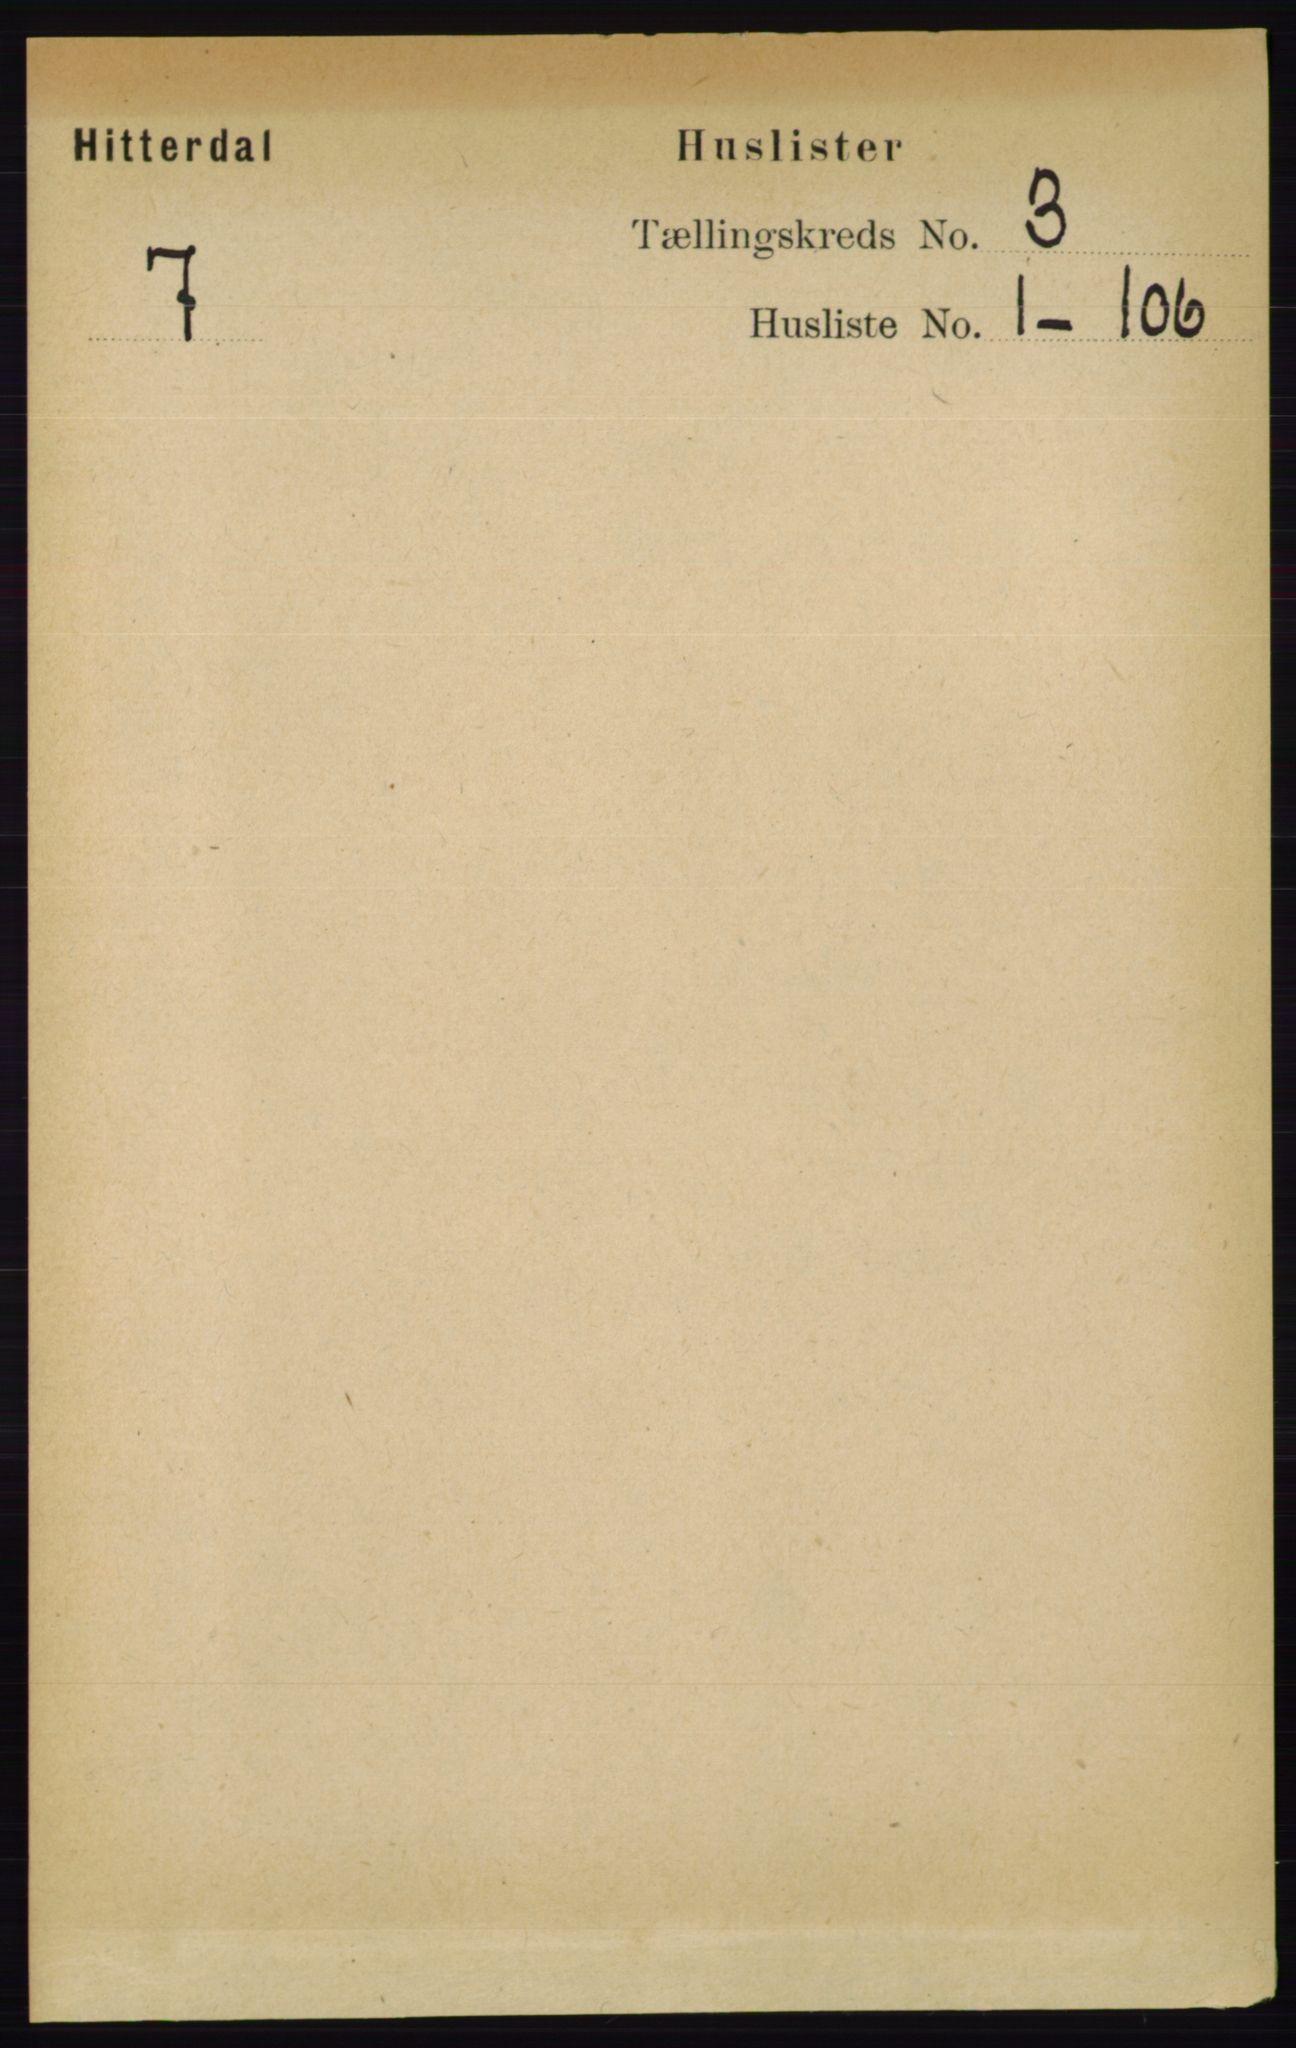 RA, Folketelling 1891 for 0823 Heddal herred, 1891, s. 888